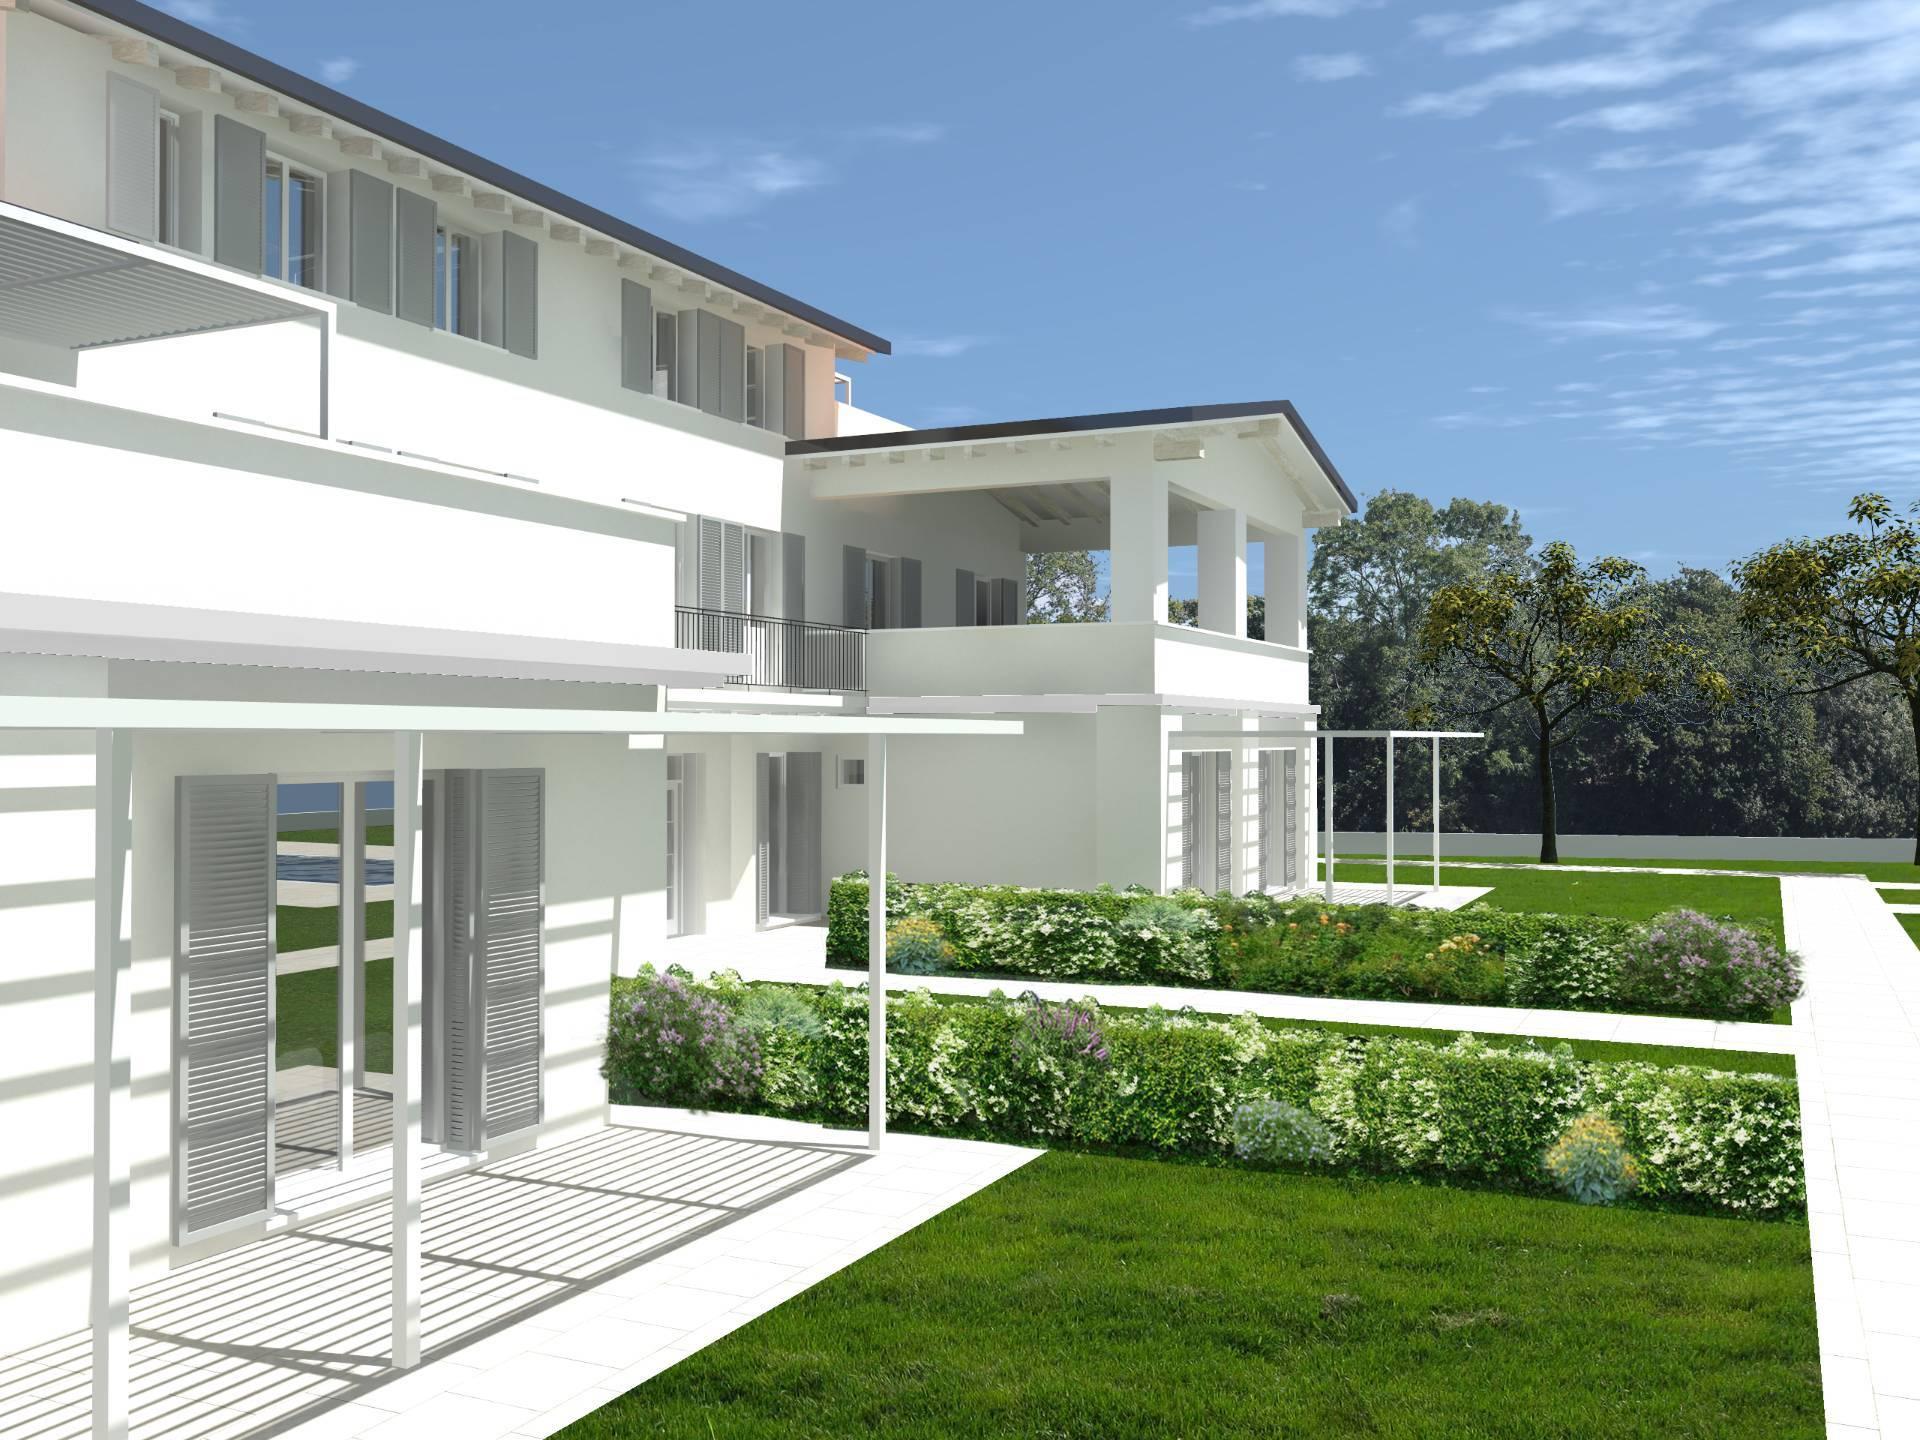 Appartamento in vendita a Sirmione, 3 locali, zona na, prezzo € 430.000 | PortaleAgenzieImmobiliari.it